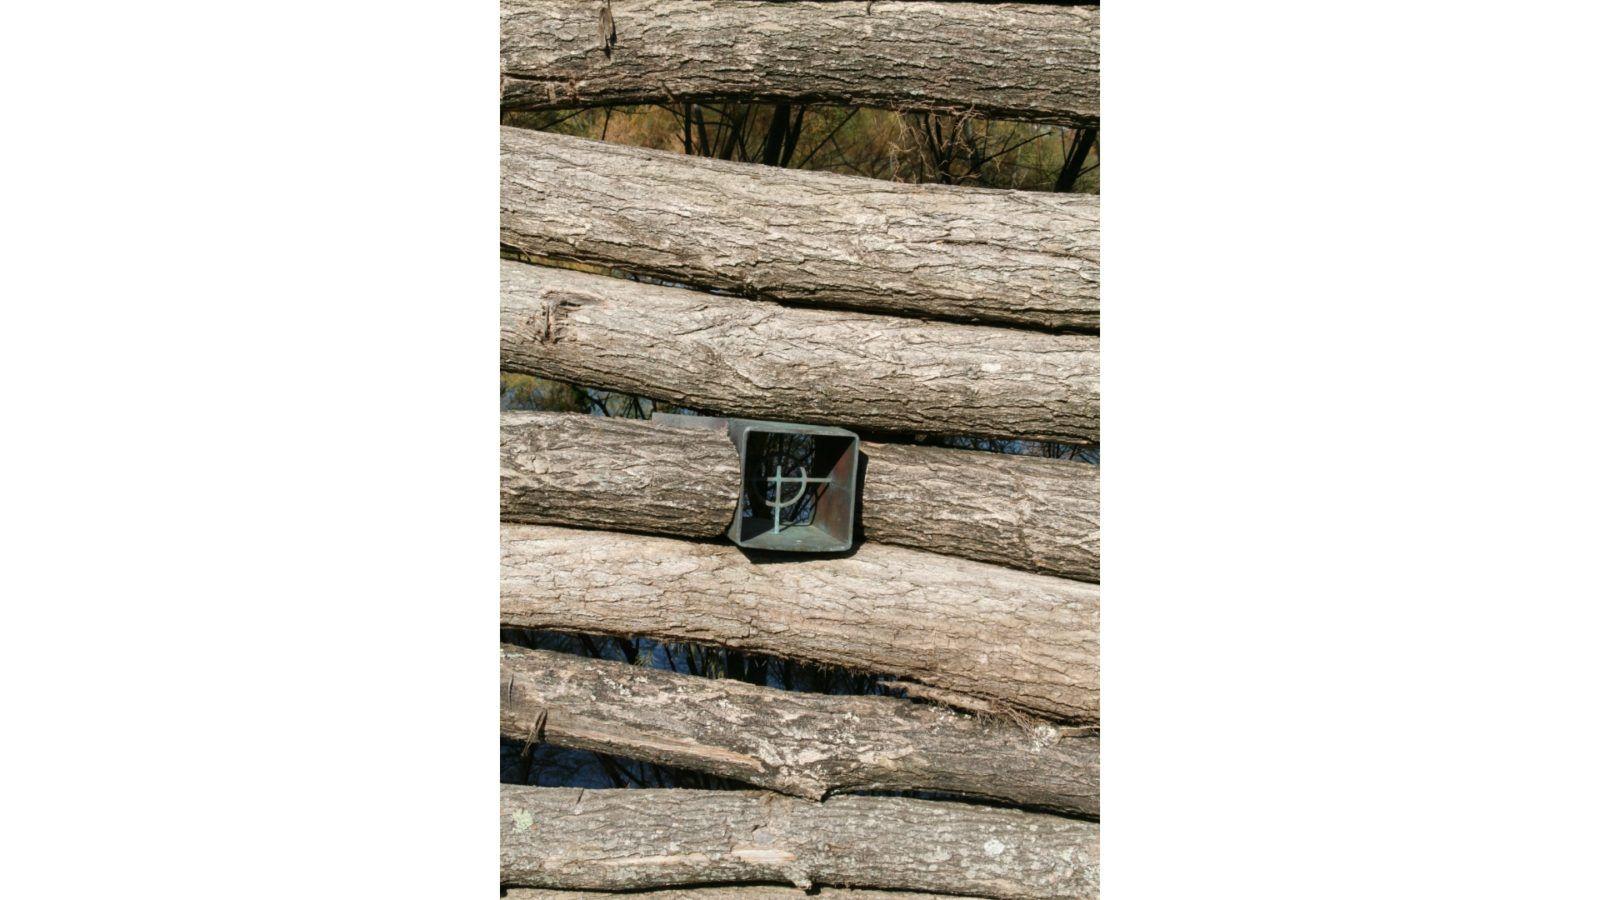 ANGLET – Parc écologique Izadia - Mutabilis